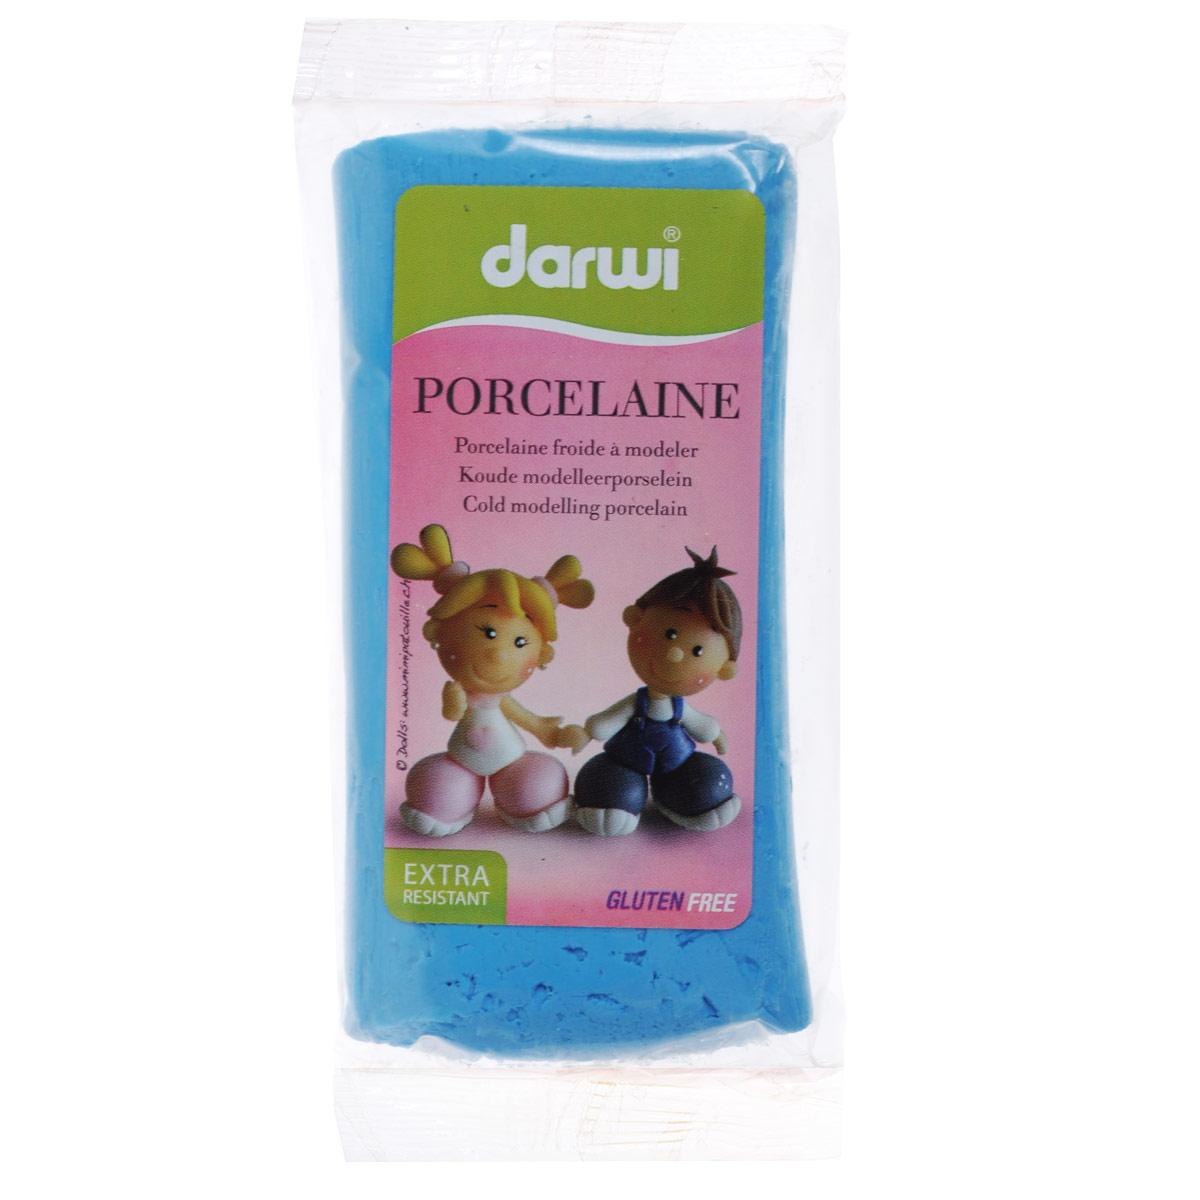 Масса для лепки Darwi Porcelaine, цвет: бирюзовый (676), 150 г357002_676Масса Darwi Porcelaine - это самозатвердевающая полимерная глина, предназначенная для лепки. Уже готова к использованию. После полного высыхания (от нескольких часов до нескольких дней в зависимости от размера работы) масса становится очень твердой и дает небольшую усадку. Влагоустойчива при высыхании. После отверждения можно покрывать лаком, красками. Не рекомендуется давать детям до 3-х лет.